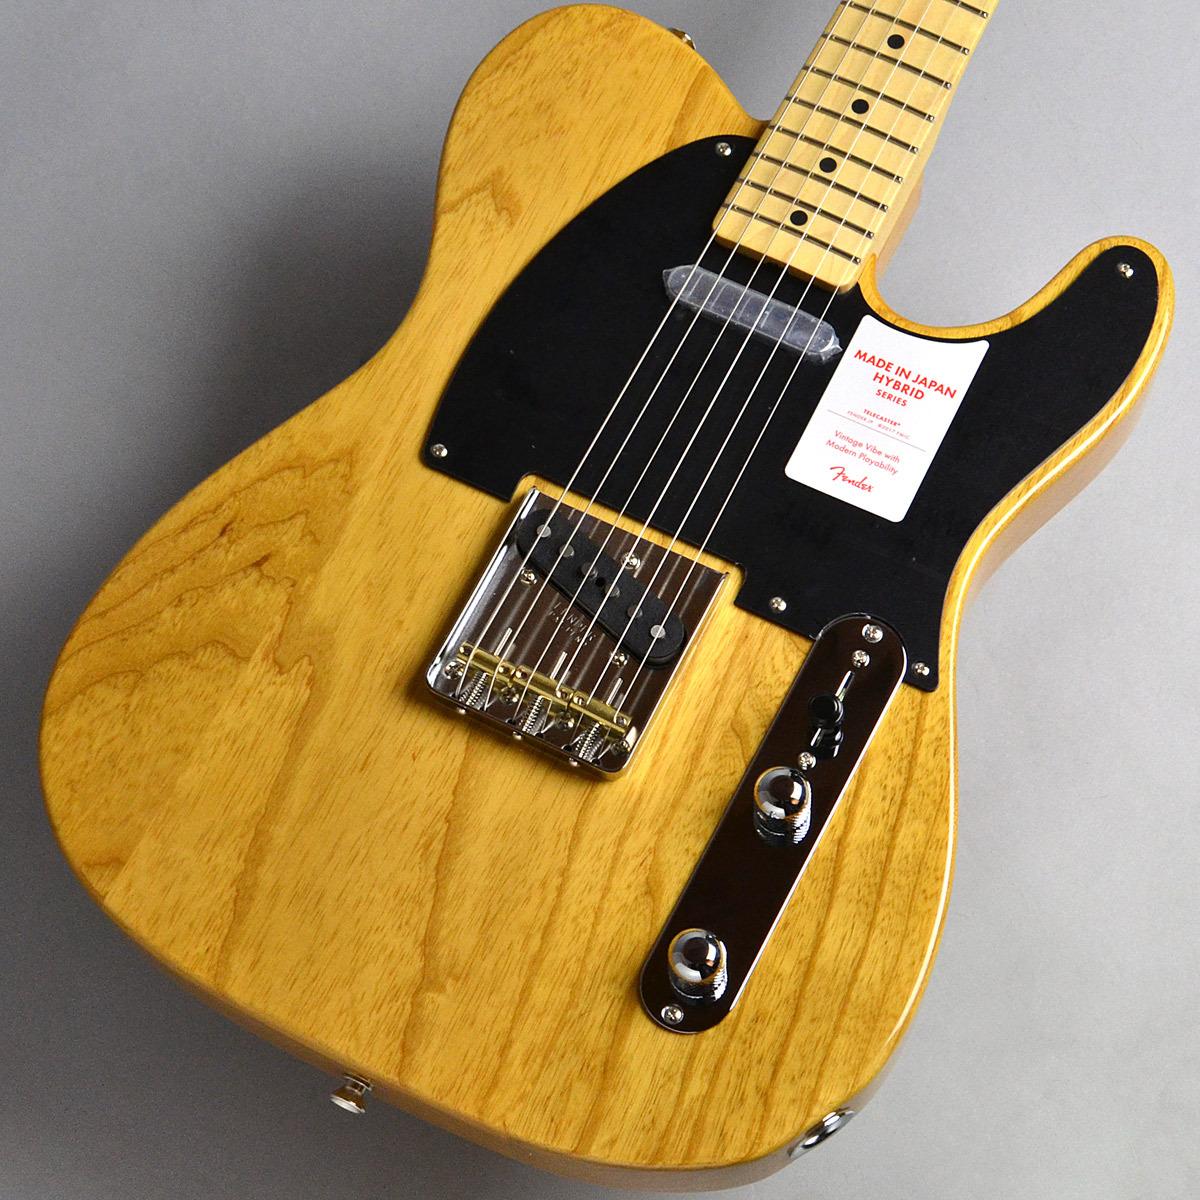 激安通販 Fender Made in in Telecaster/M/VNB Japan Hybrid 50s Telecaster エレキギター/M/VNB エレキギター【フェンダー テレキャスター】【新宿PePe店】, さがけん:d5fa0c40 --- totem-info.com